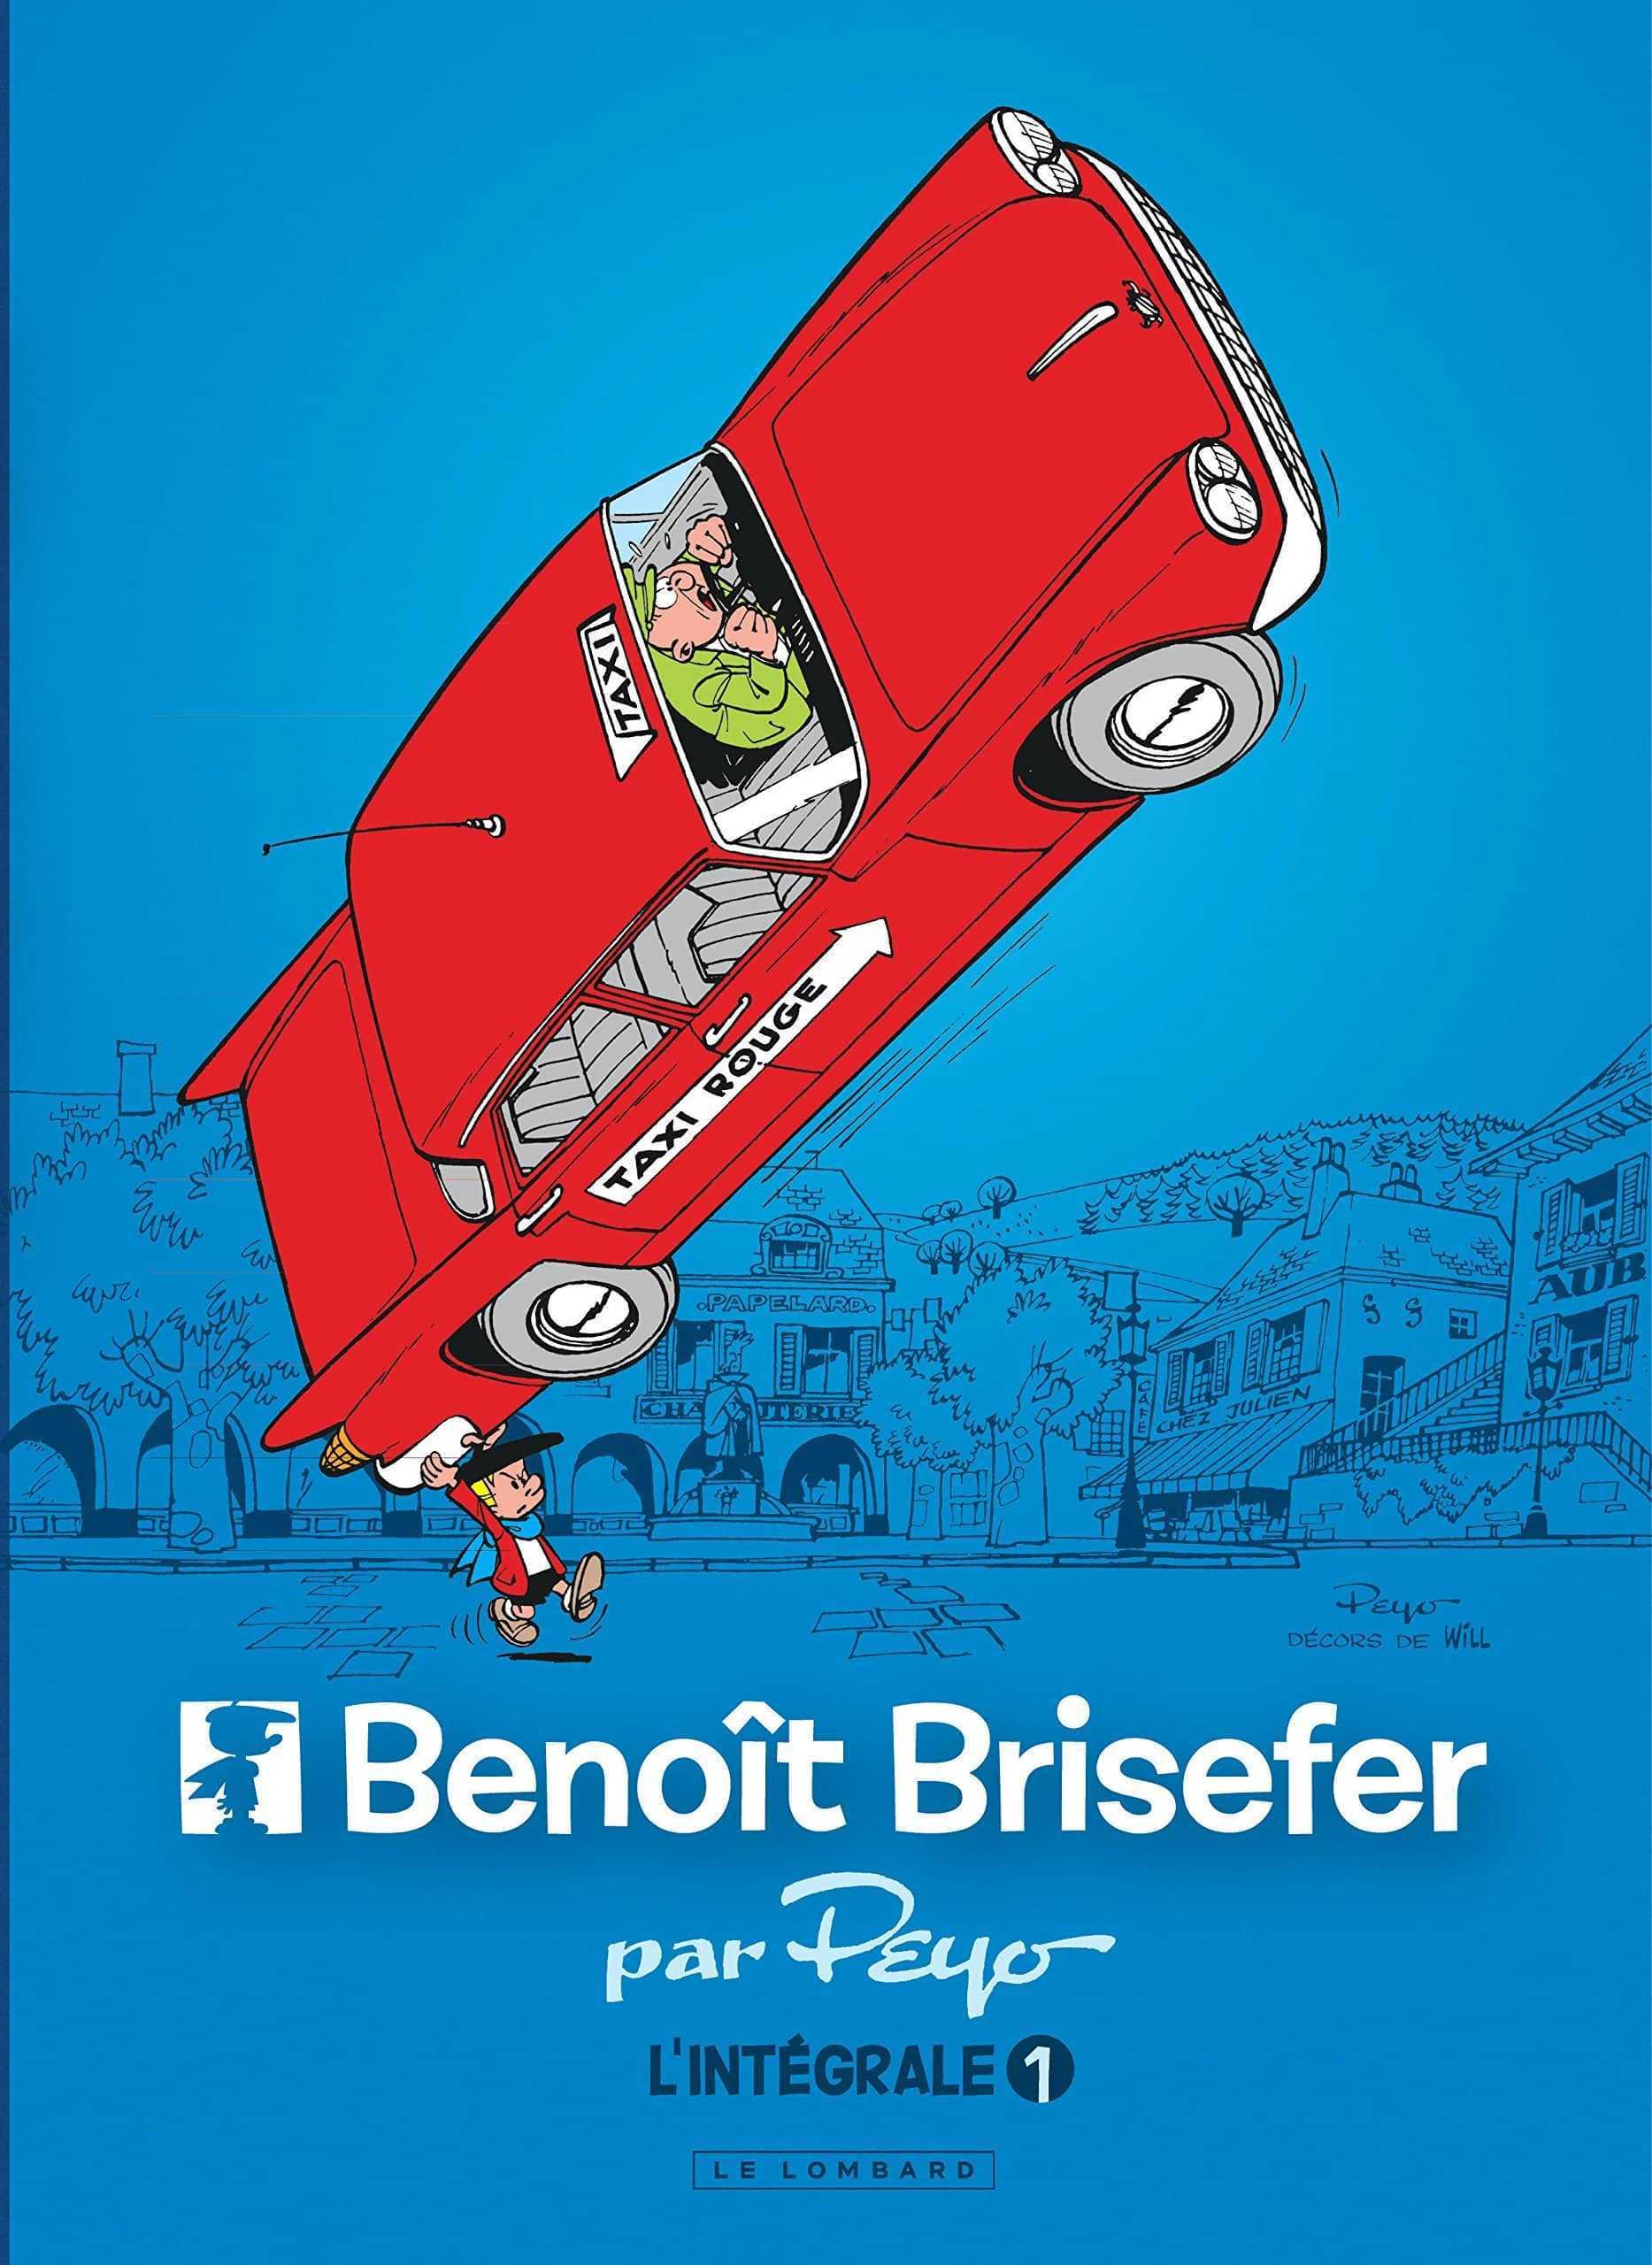 Benoît Brisefer, le retour d'un petit héros atypique